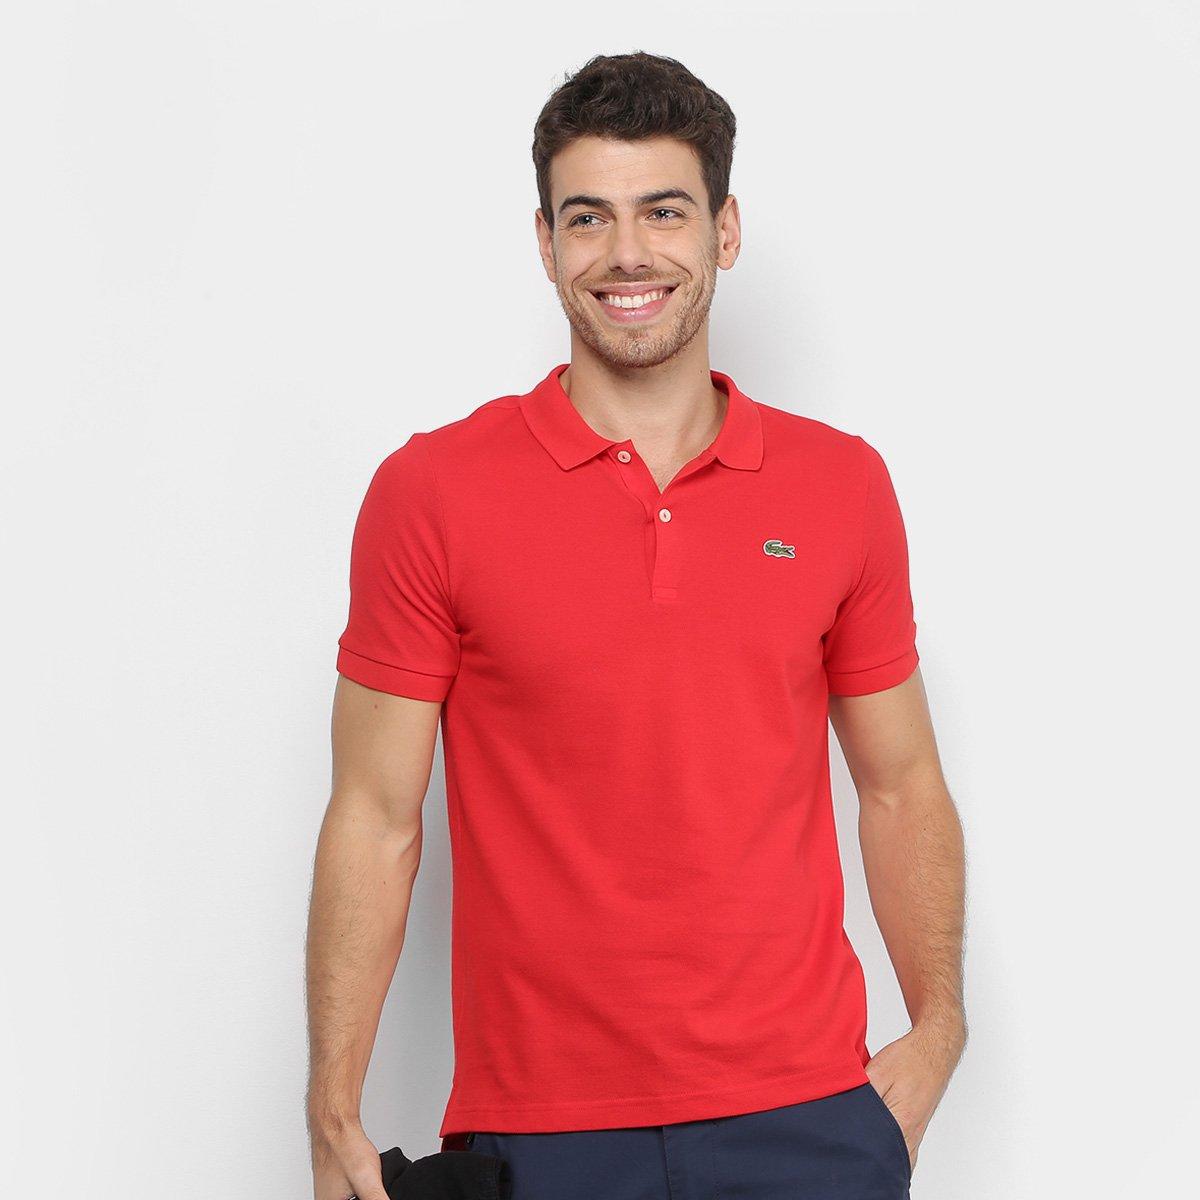 8afa8aec40 Camisa Polo Lacoste Live Piquet Masculina - Vermelho - Compre Agora ...